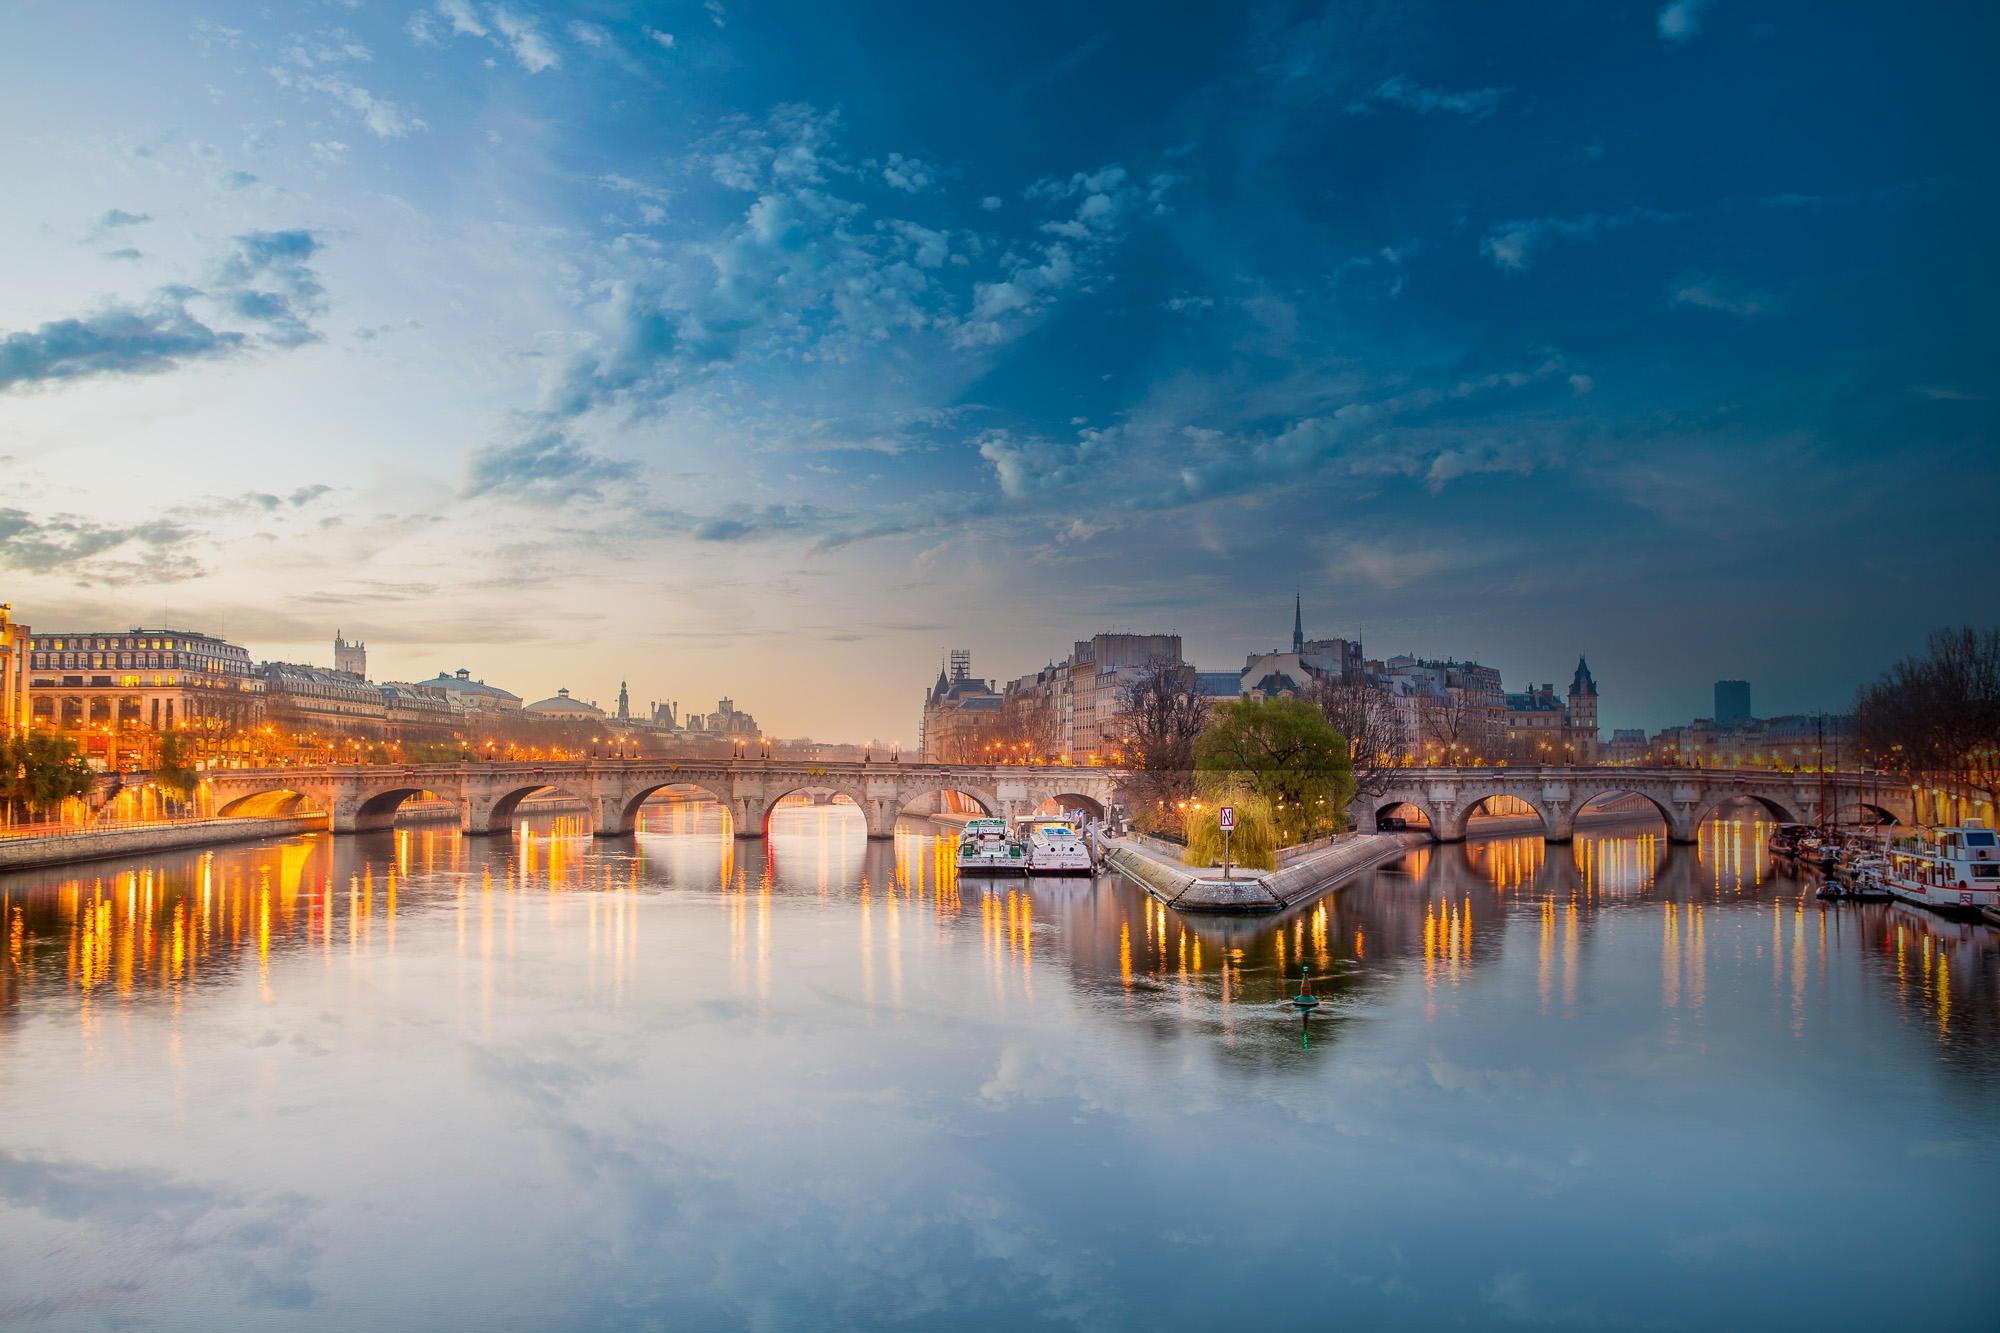 69620壁紙のダウンロードパリ, フランス, 干し草川, ヘイ川, ブリッジ, 橋, 都市-スクリーンセーバーと写真を無料で